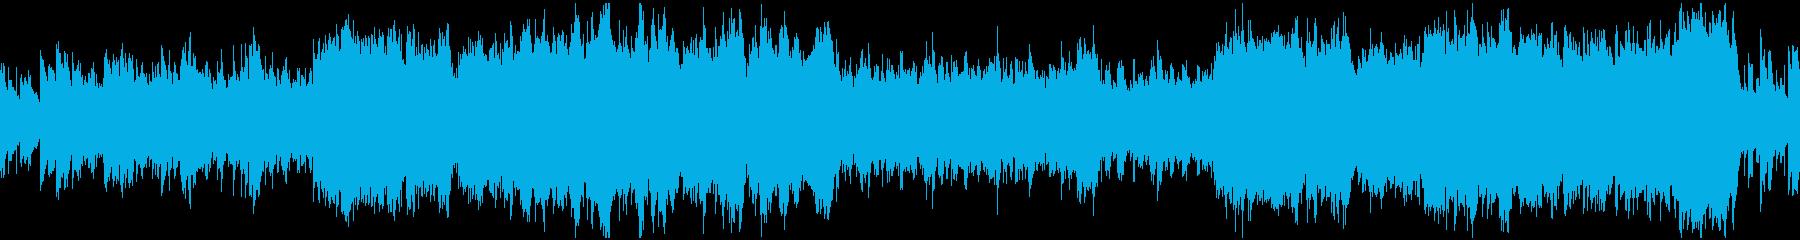 爽やかなフィールド探索系BGMの再生済みの波形